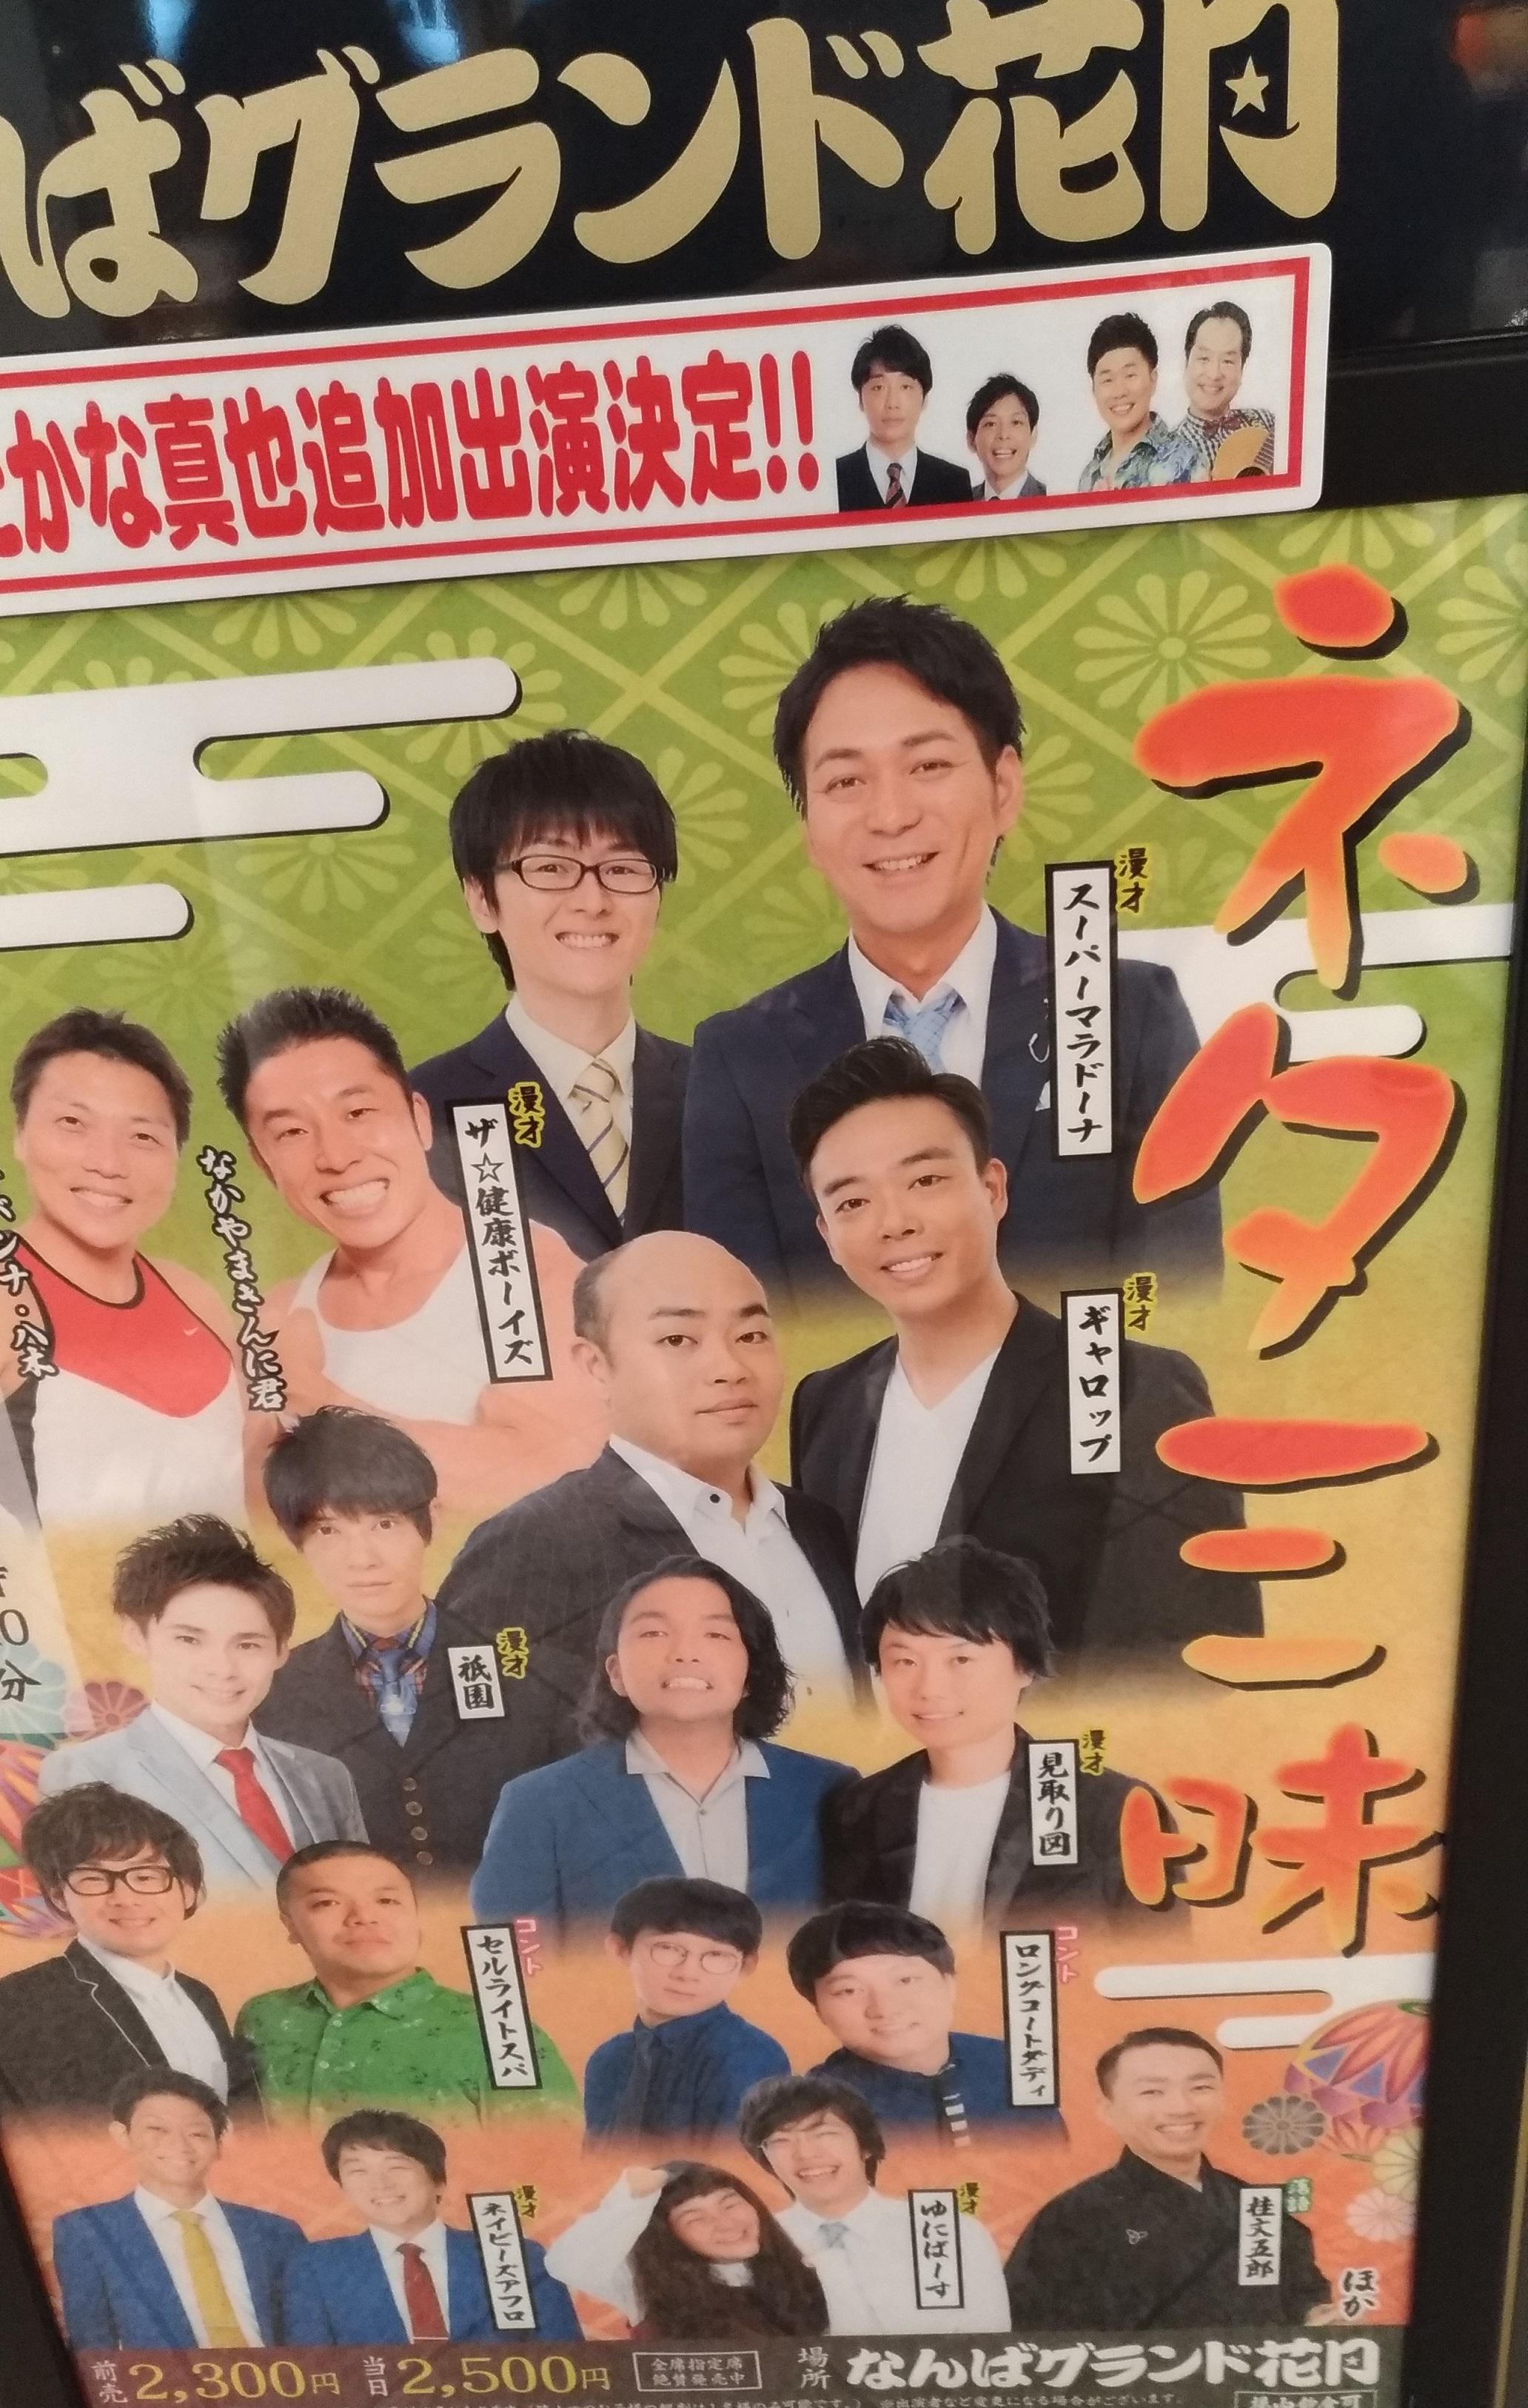 osaka_owarai_namba_yoshimoto1.jpg